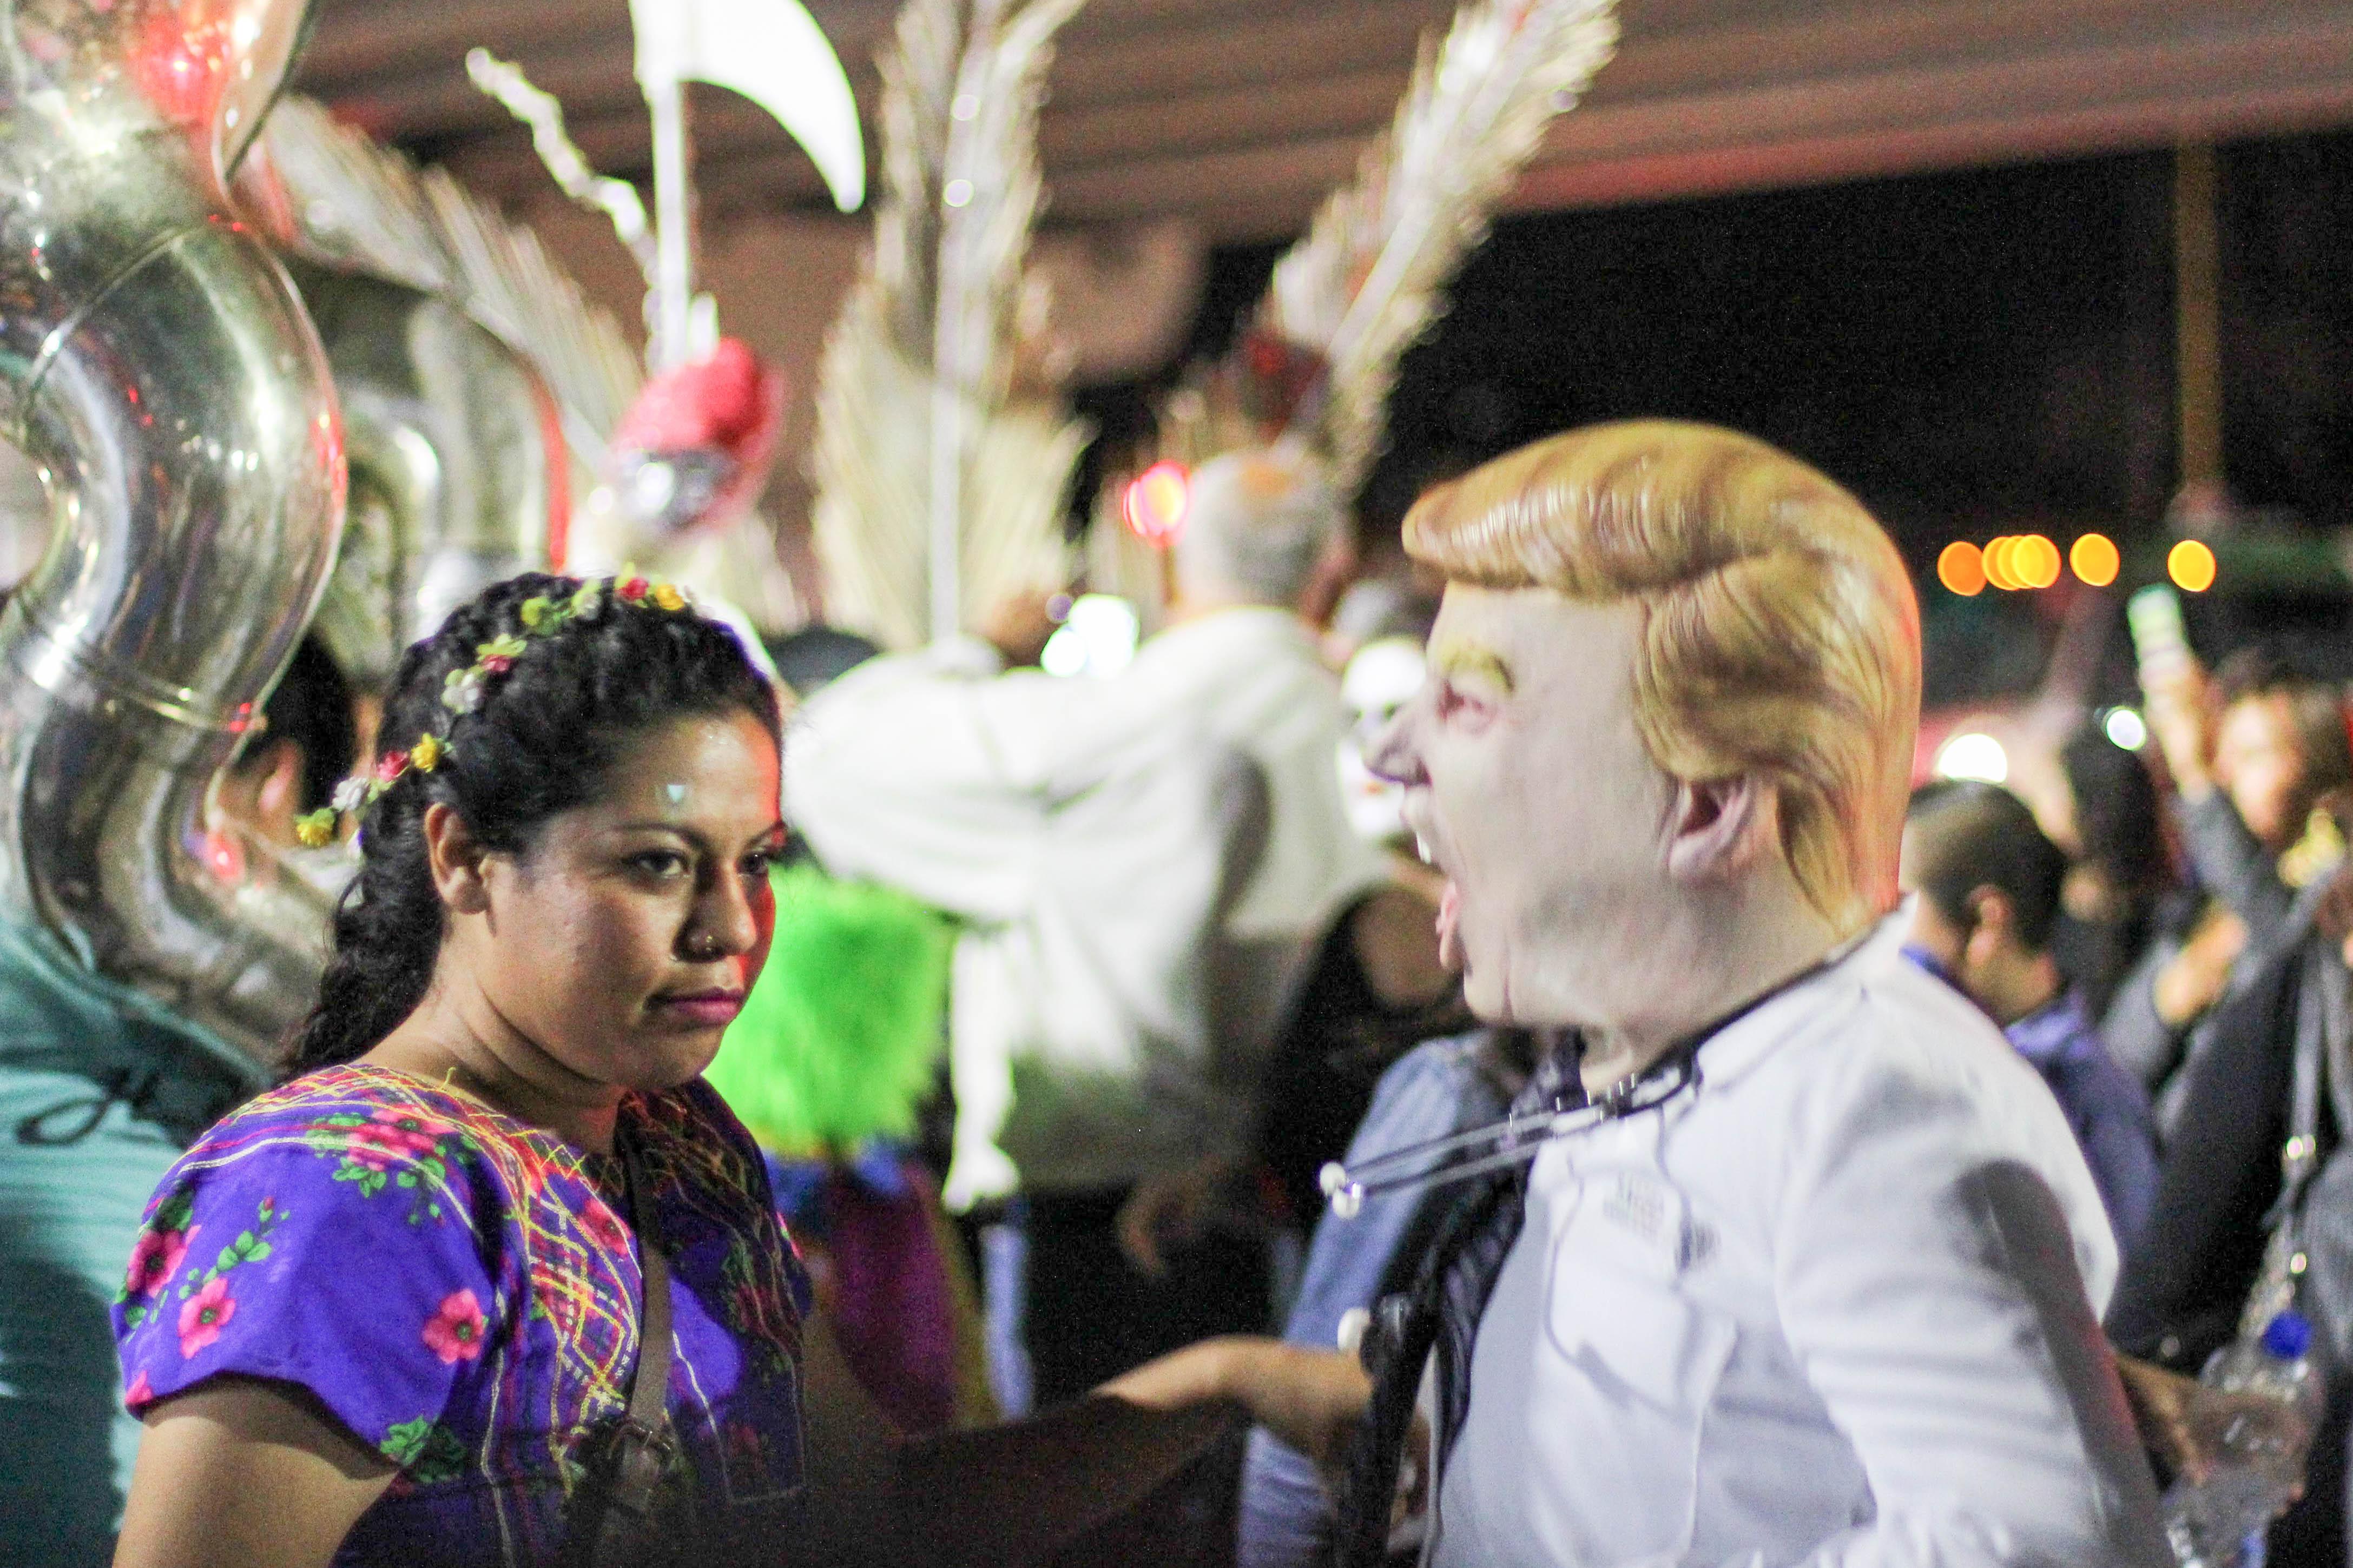 Donald Trump gibt auch in Mexiko zu denken, das Fest kann er jedoch nicht verderben. – Bild: Annina Reusser